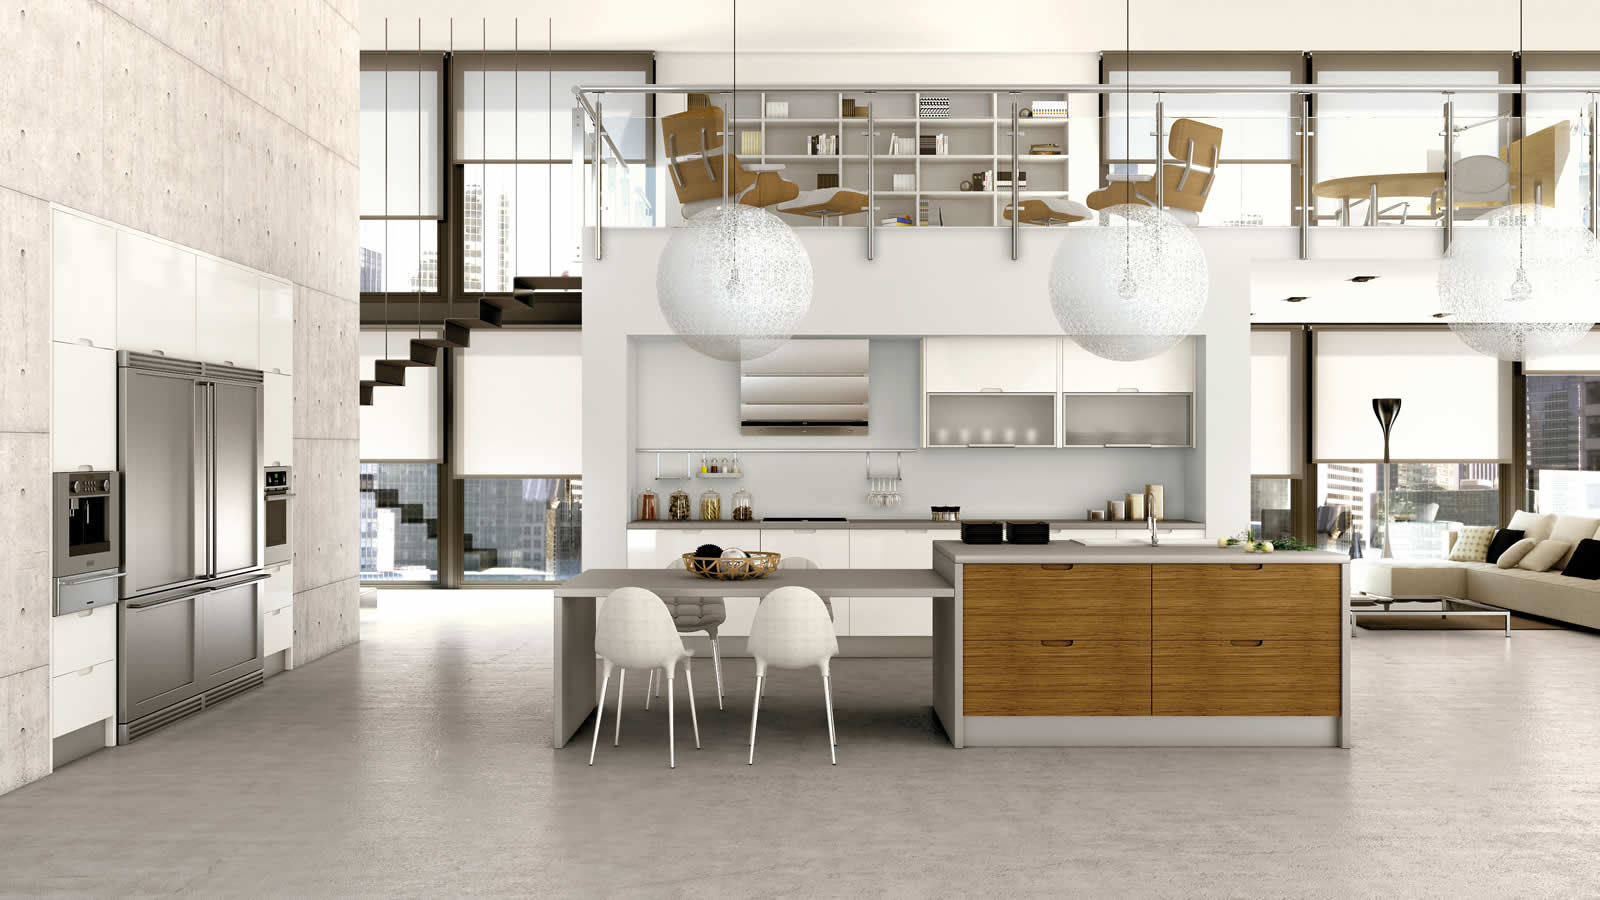 Muebles de cocina en lacado blanco y madera for Diseno de cocinas minimalista